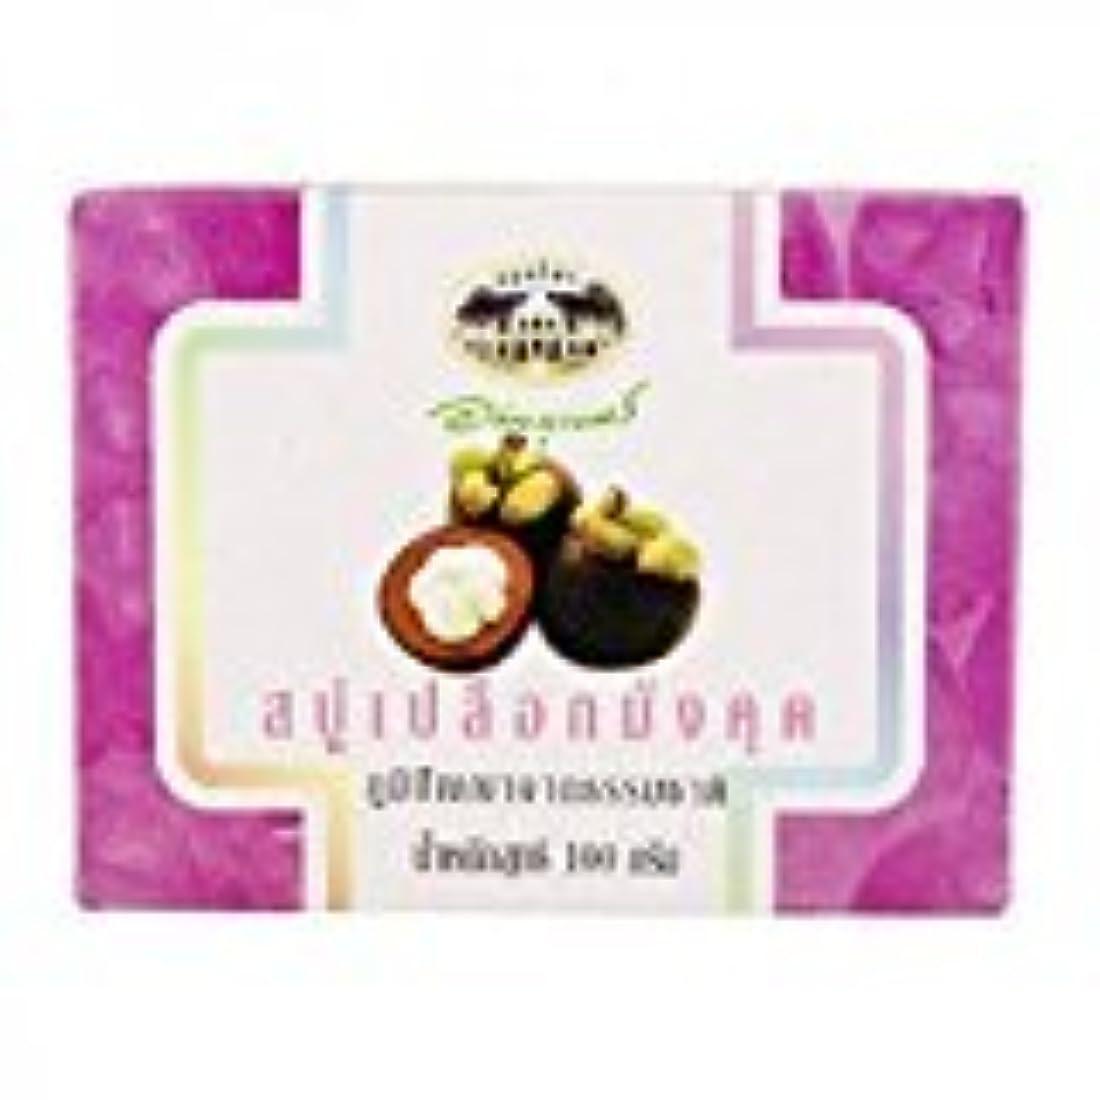 単調な最後に反動マンゴスチン石鹸 abhaibhubejhr Mangosteen Peel Soap 100g 1個